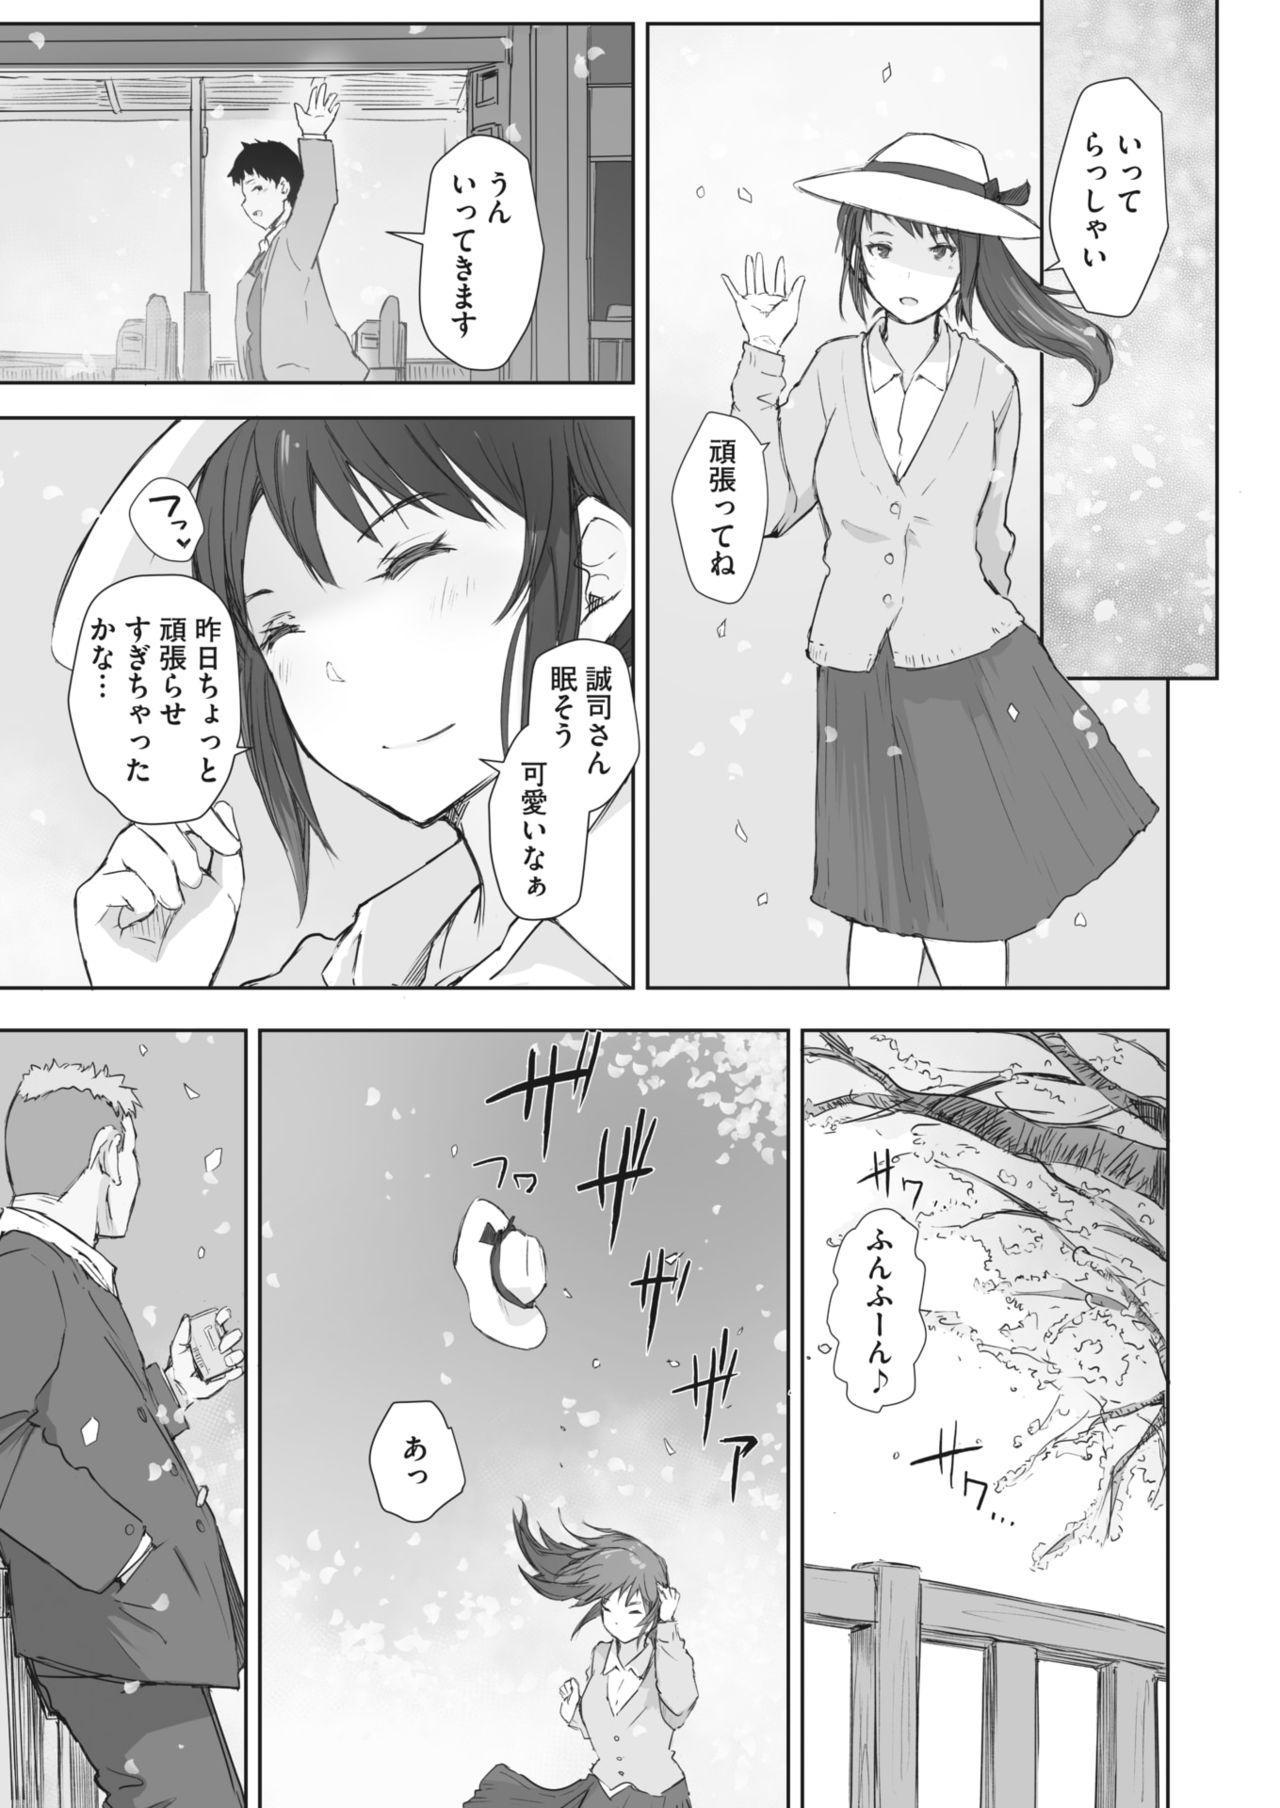 Kawa no Tsumetasa wa Haru no Otozure 1-4 44